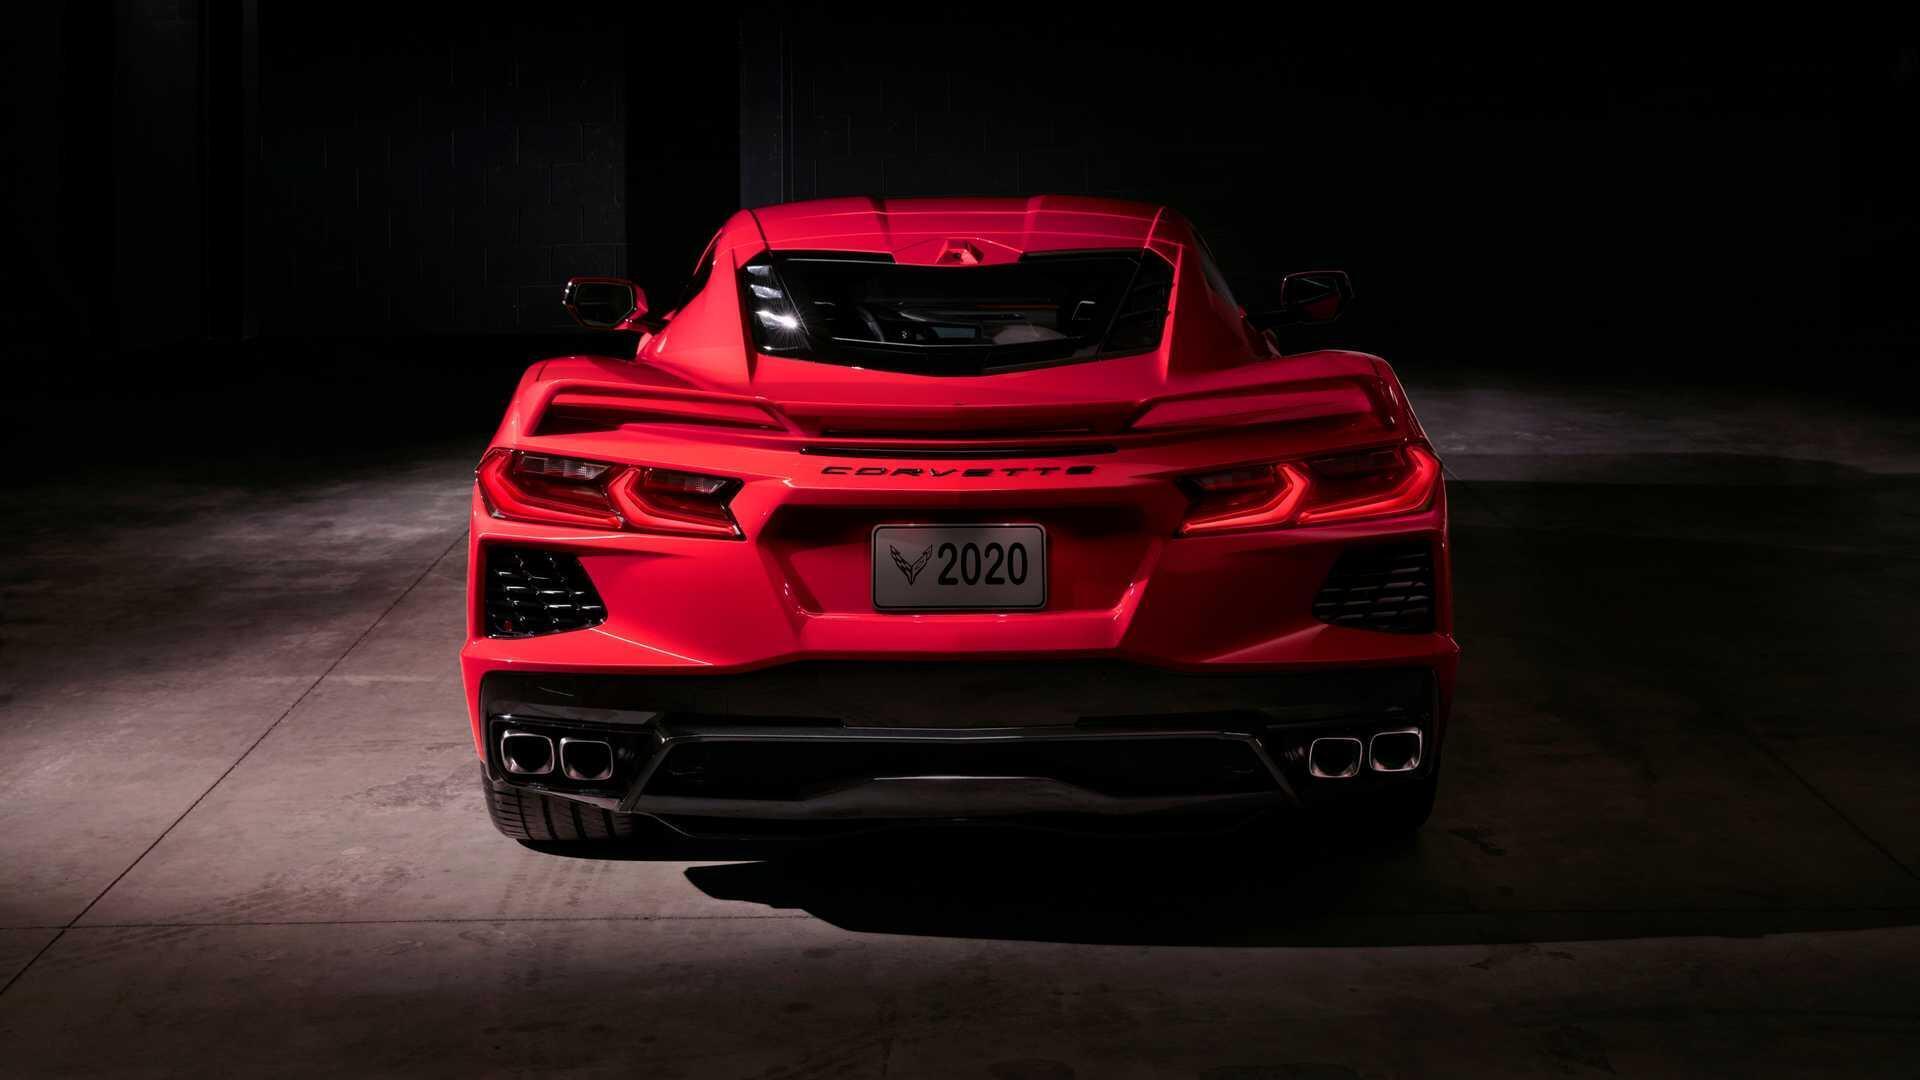 https://cdn.dailyxe.com.vn/image/chevrolet-corvette-2020-co-mot-so-tinh-nang-an-tuyet-voi-61-94581j2.jpg